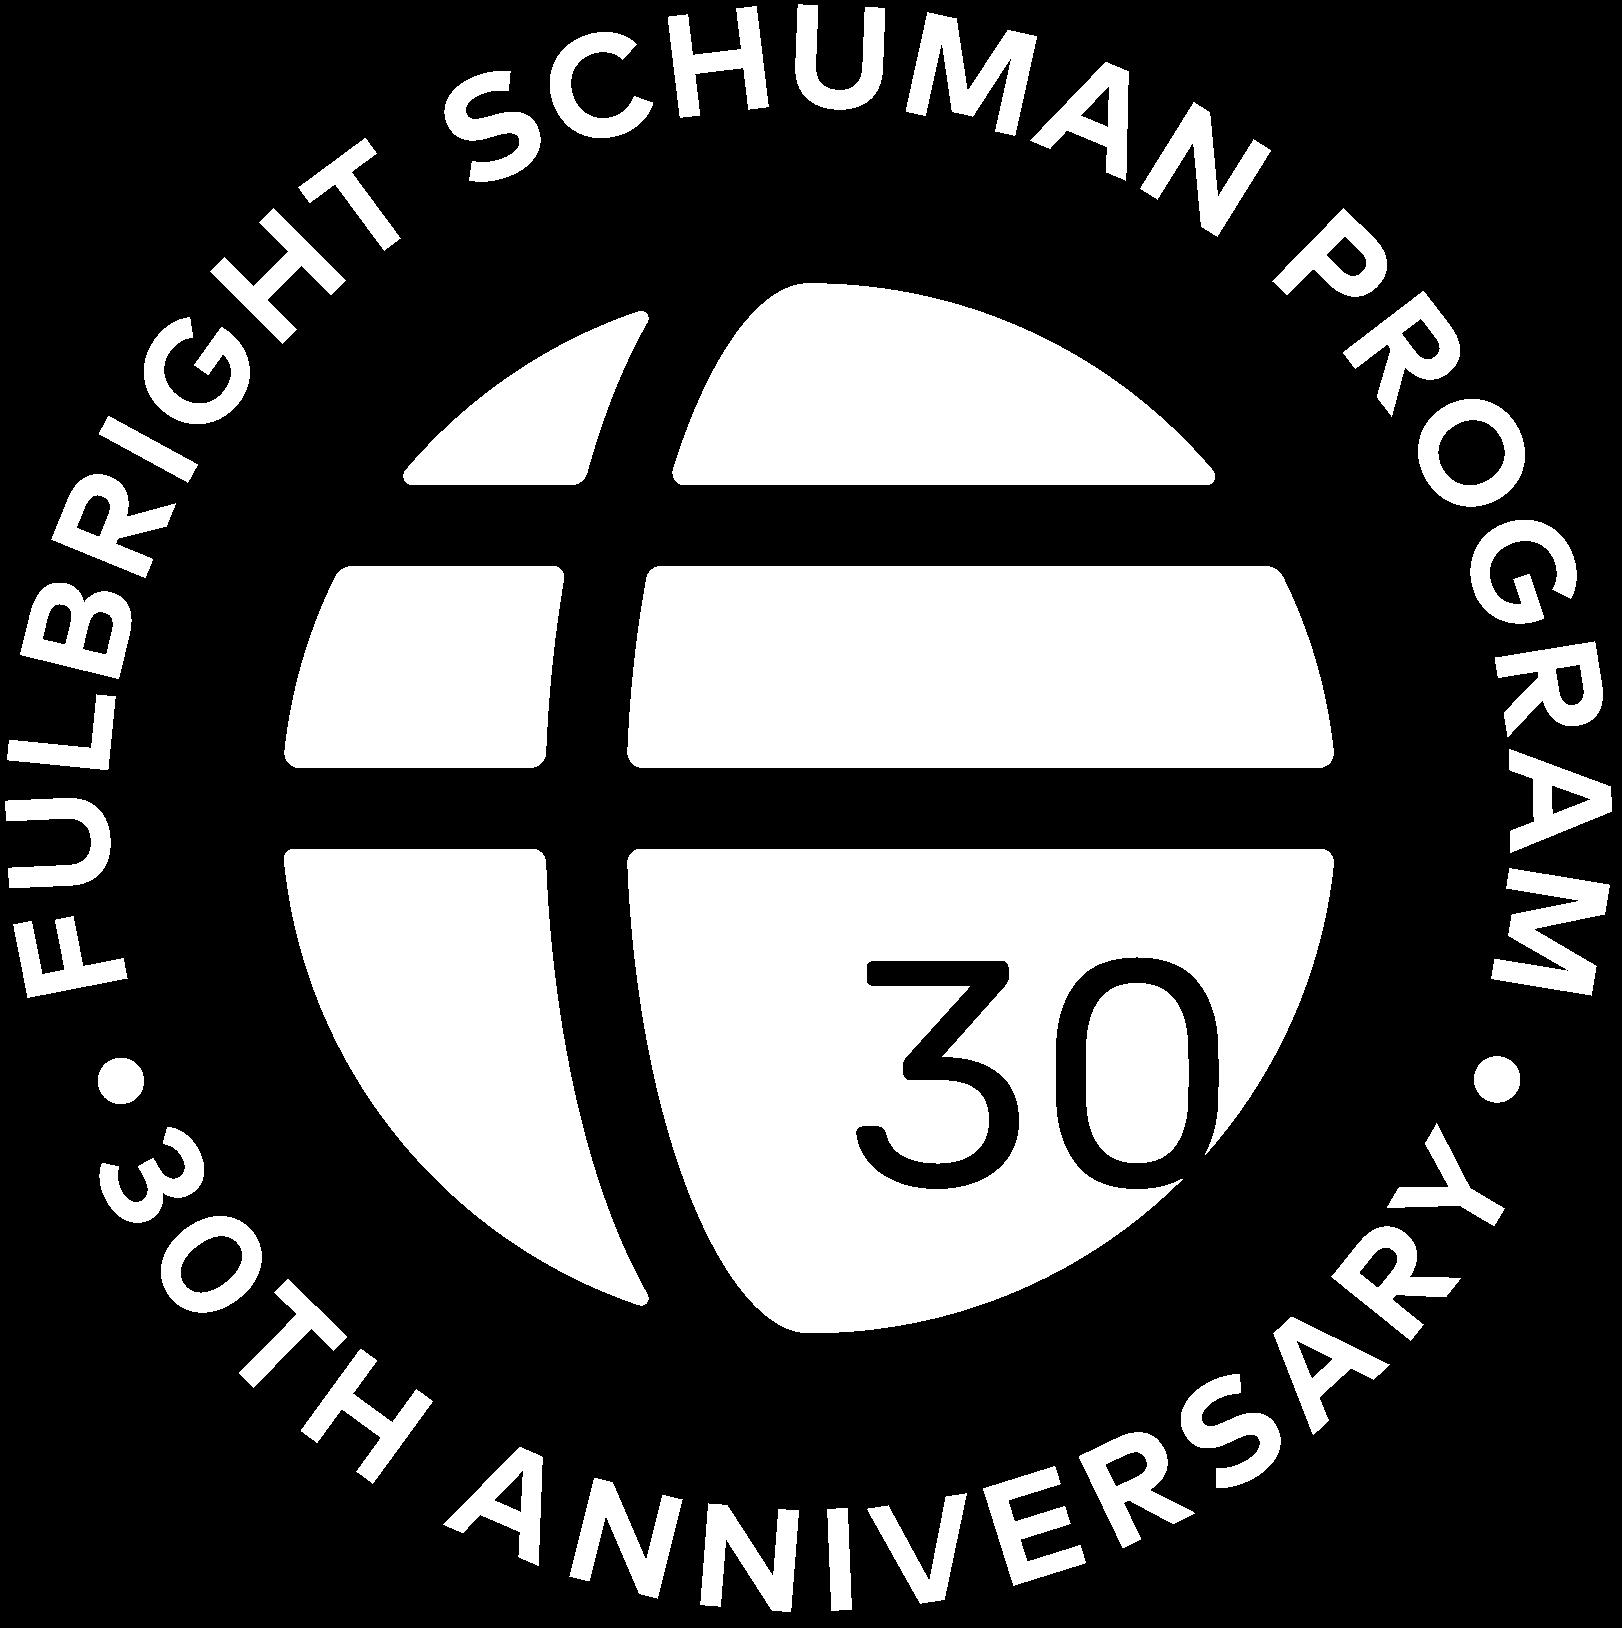 Fullbright Schuman Program